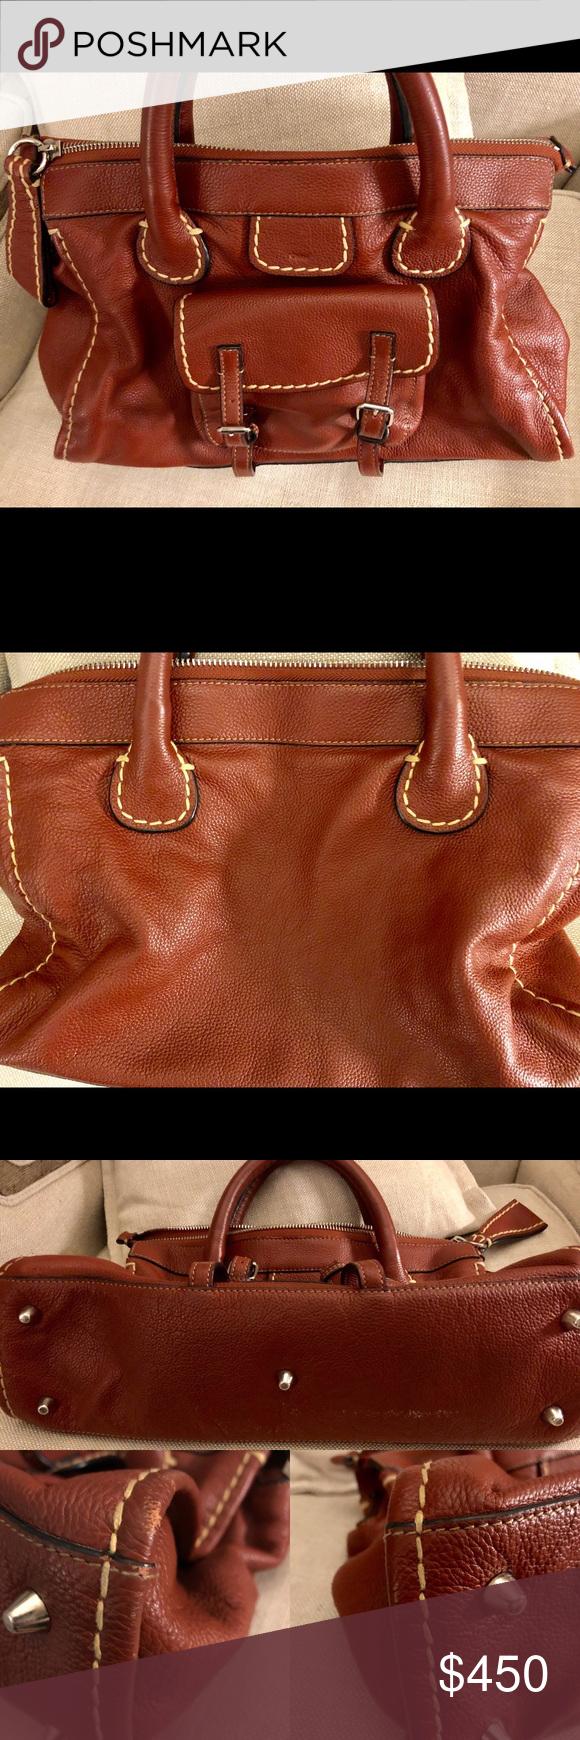 799fcf4c545 Chloe Edith handbag. Excellent condition ❤ 😍 Chloe Edith bag in excellent  condition.